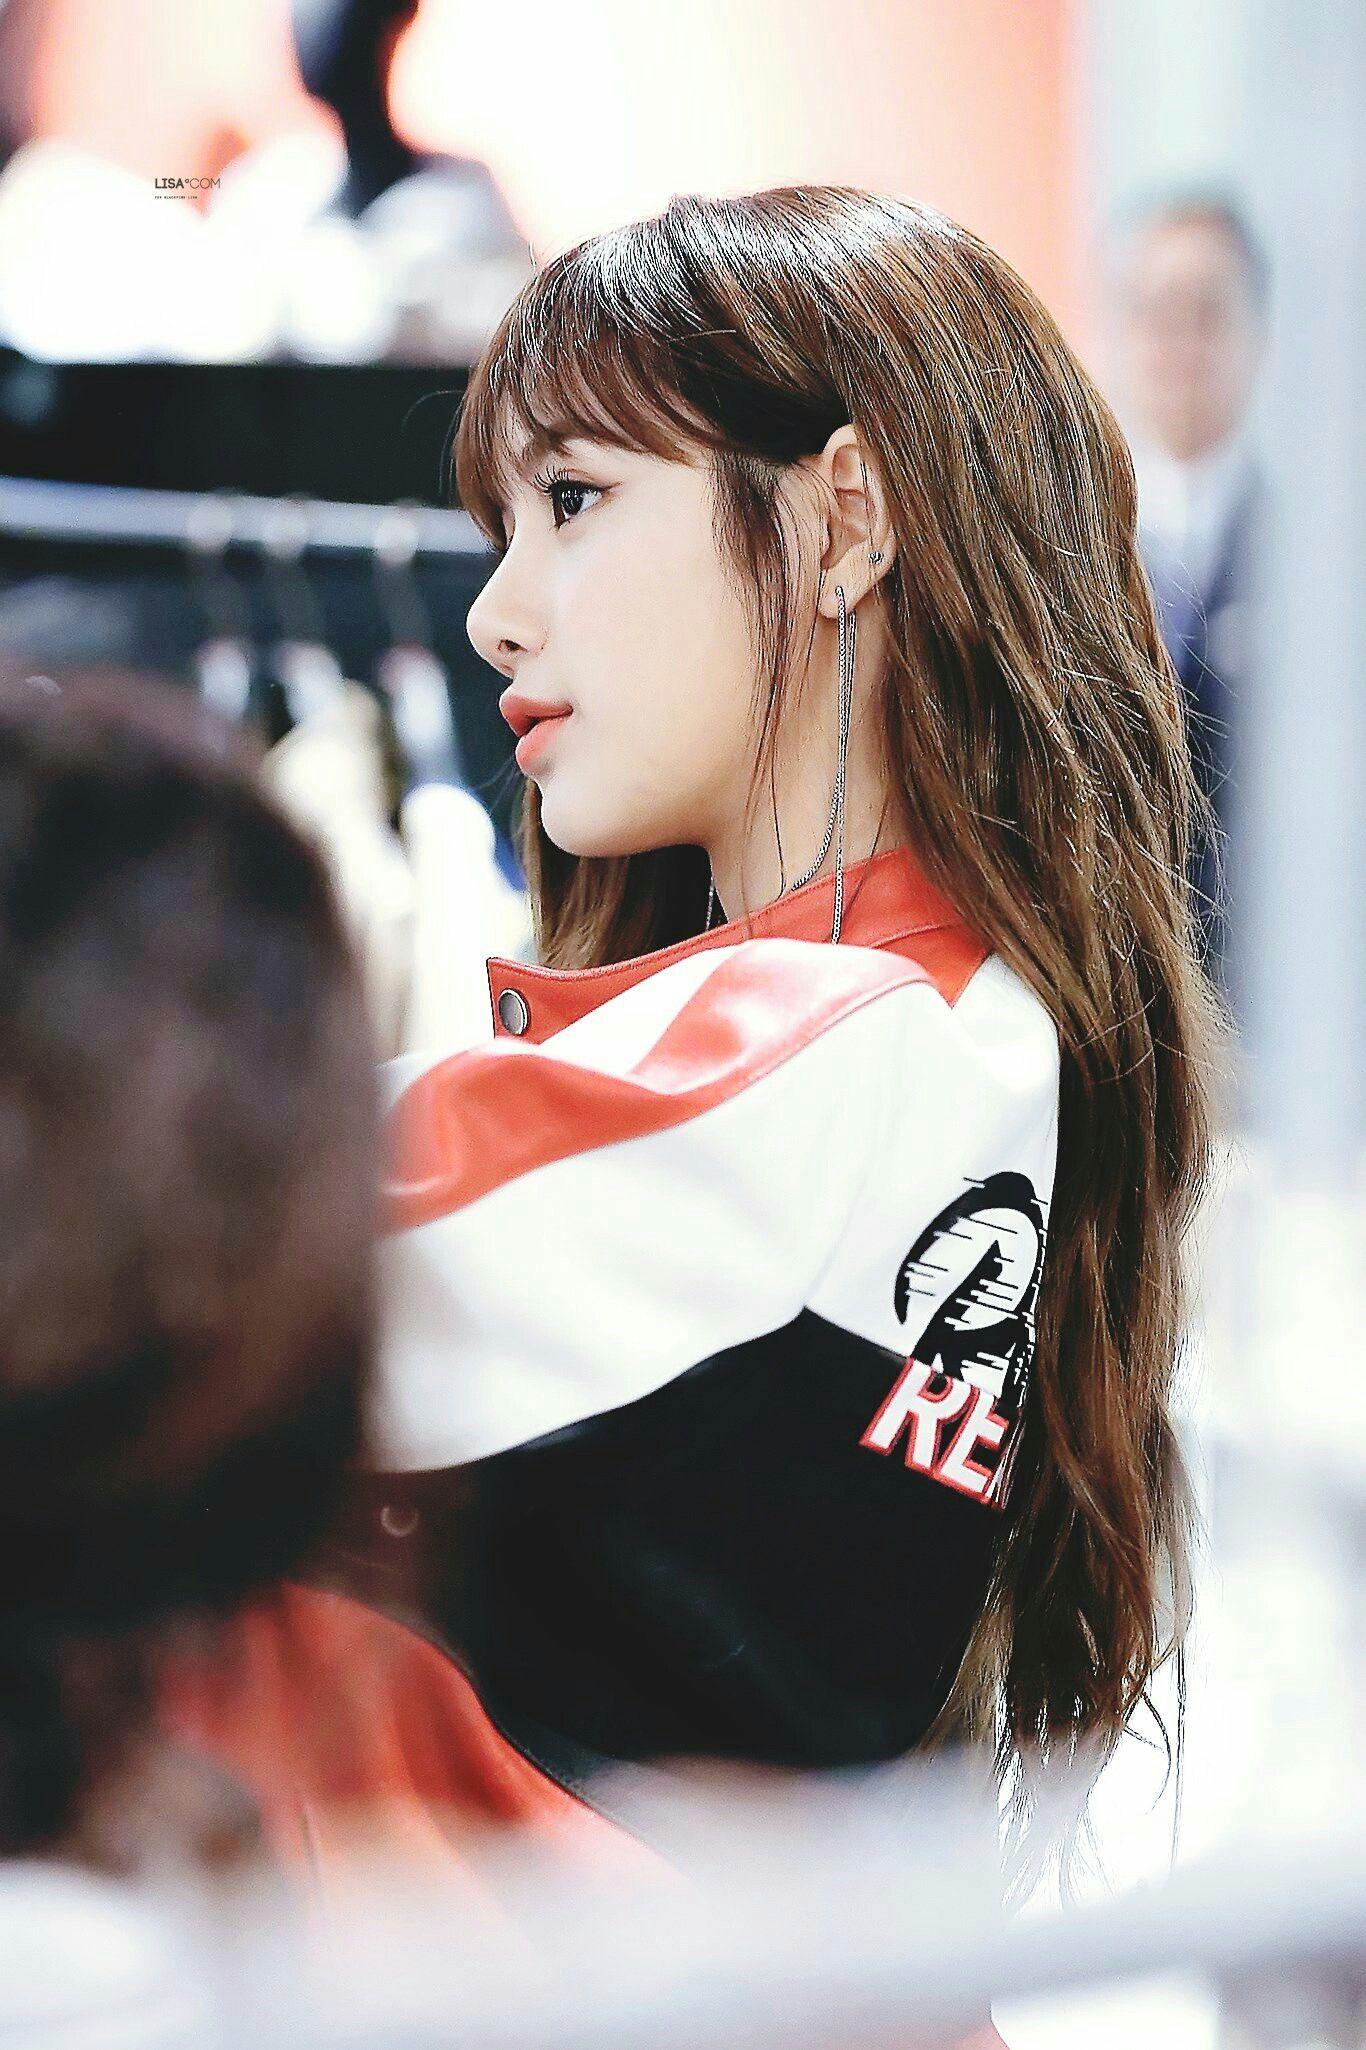 lisa profile 8